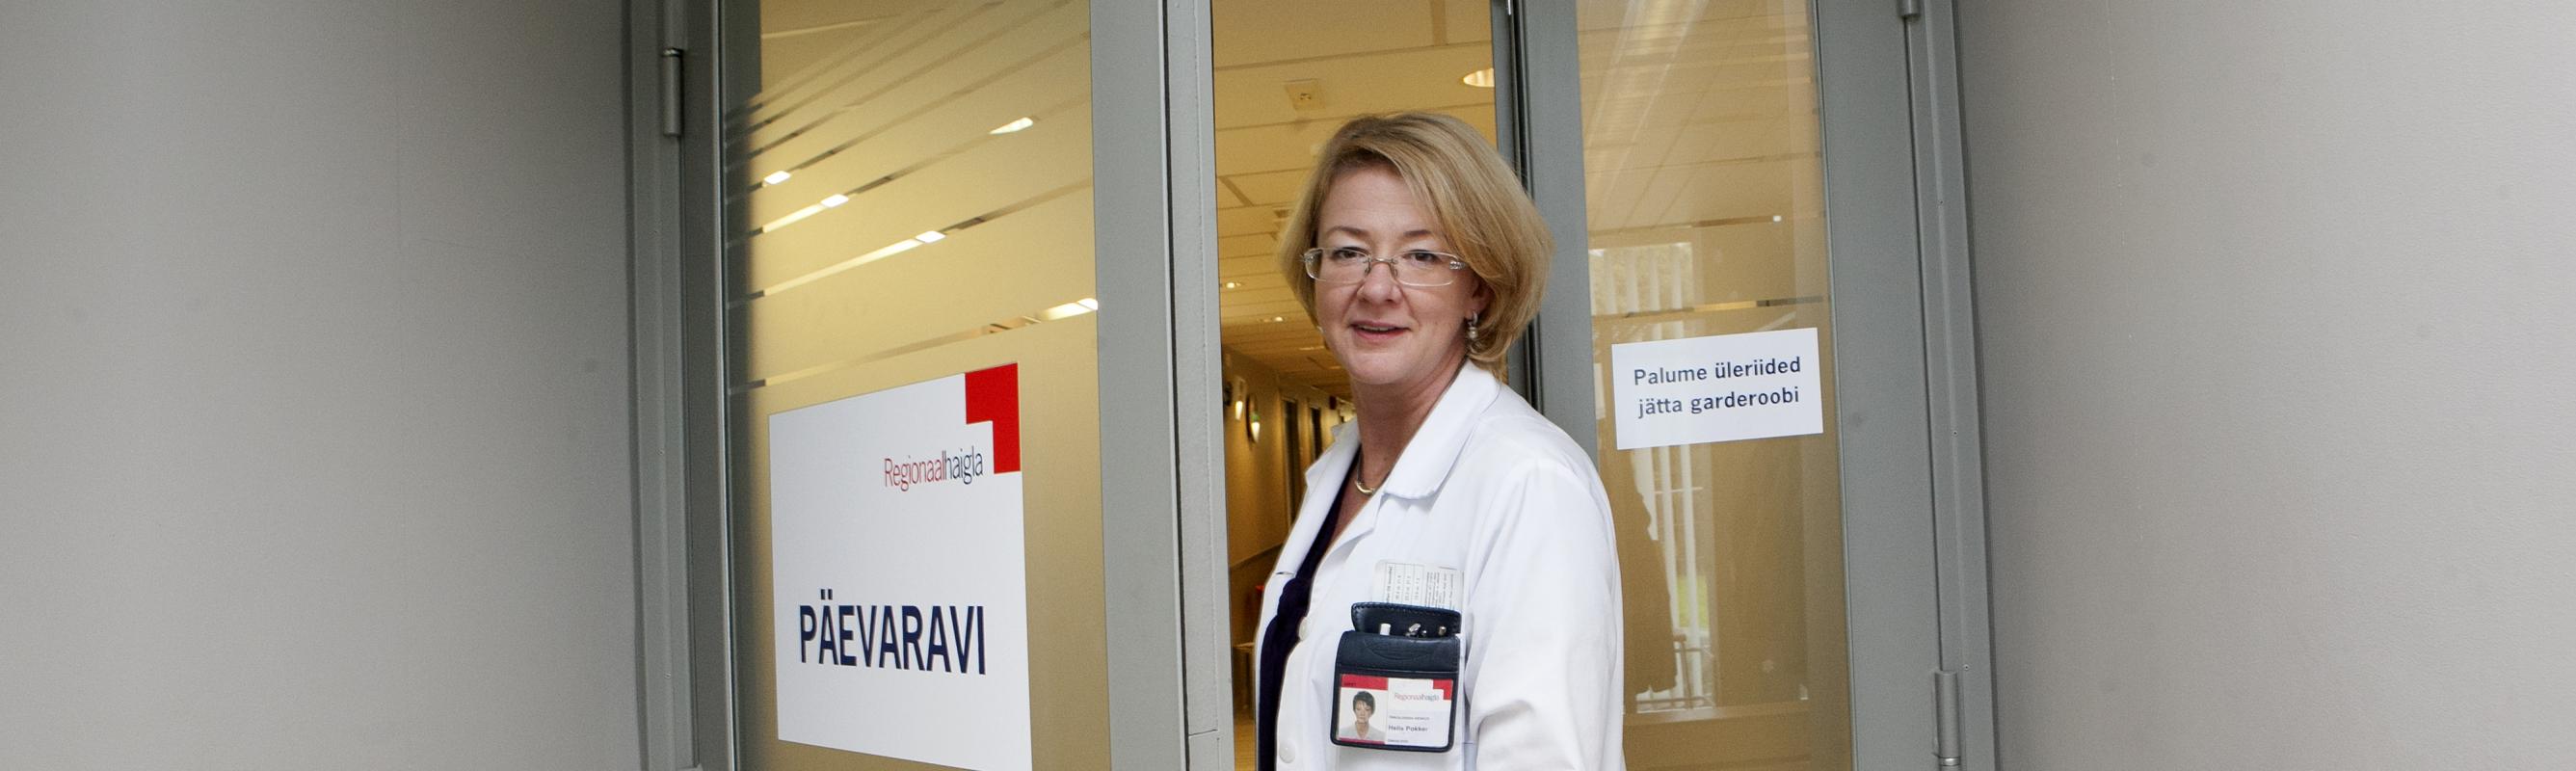 Keemiaravi keskuse juhataja dr Helis Pokker päevaravi osakonnas Mustamäe korpuse I korrusel. Foto: Terje Lepp